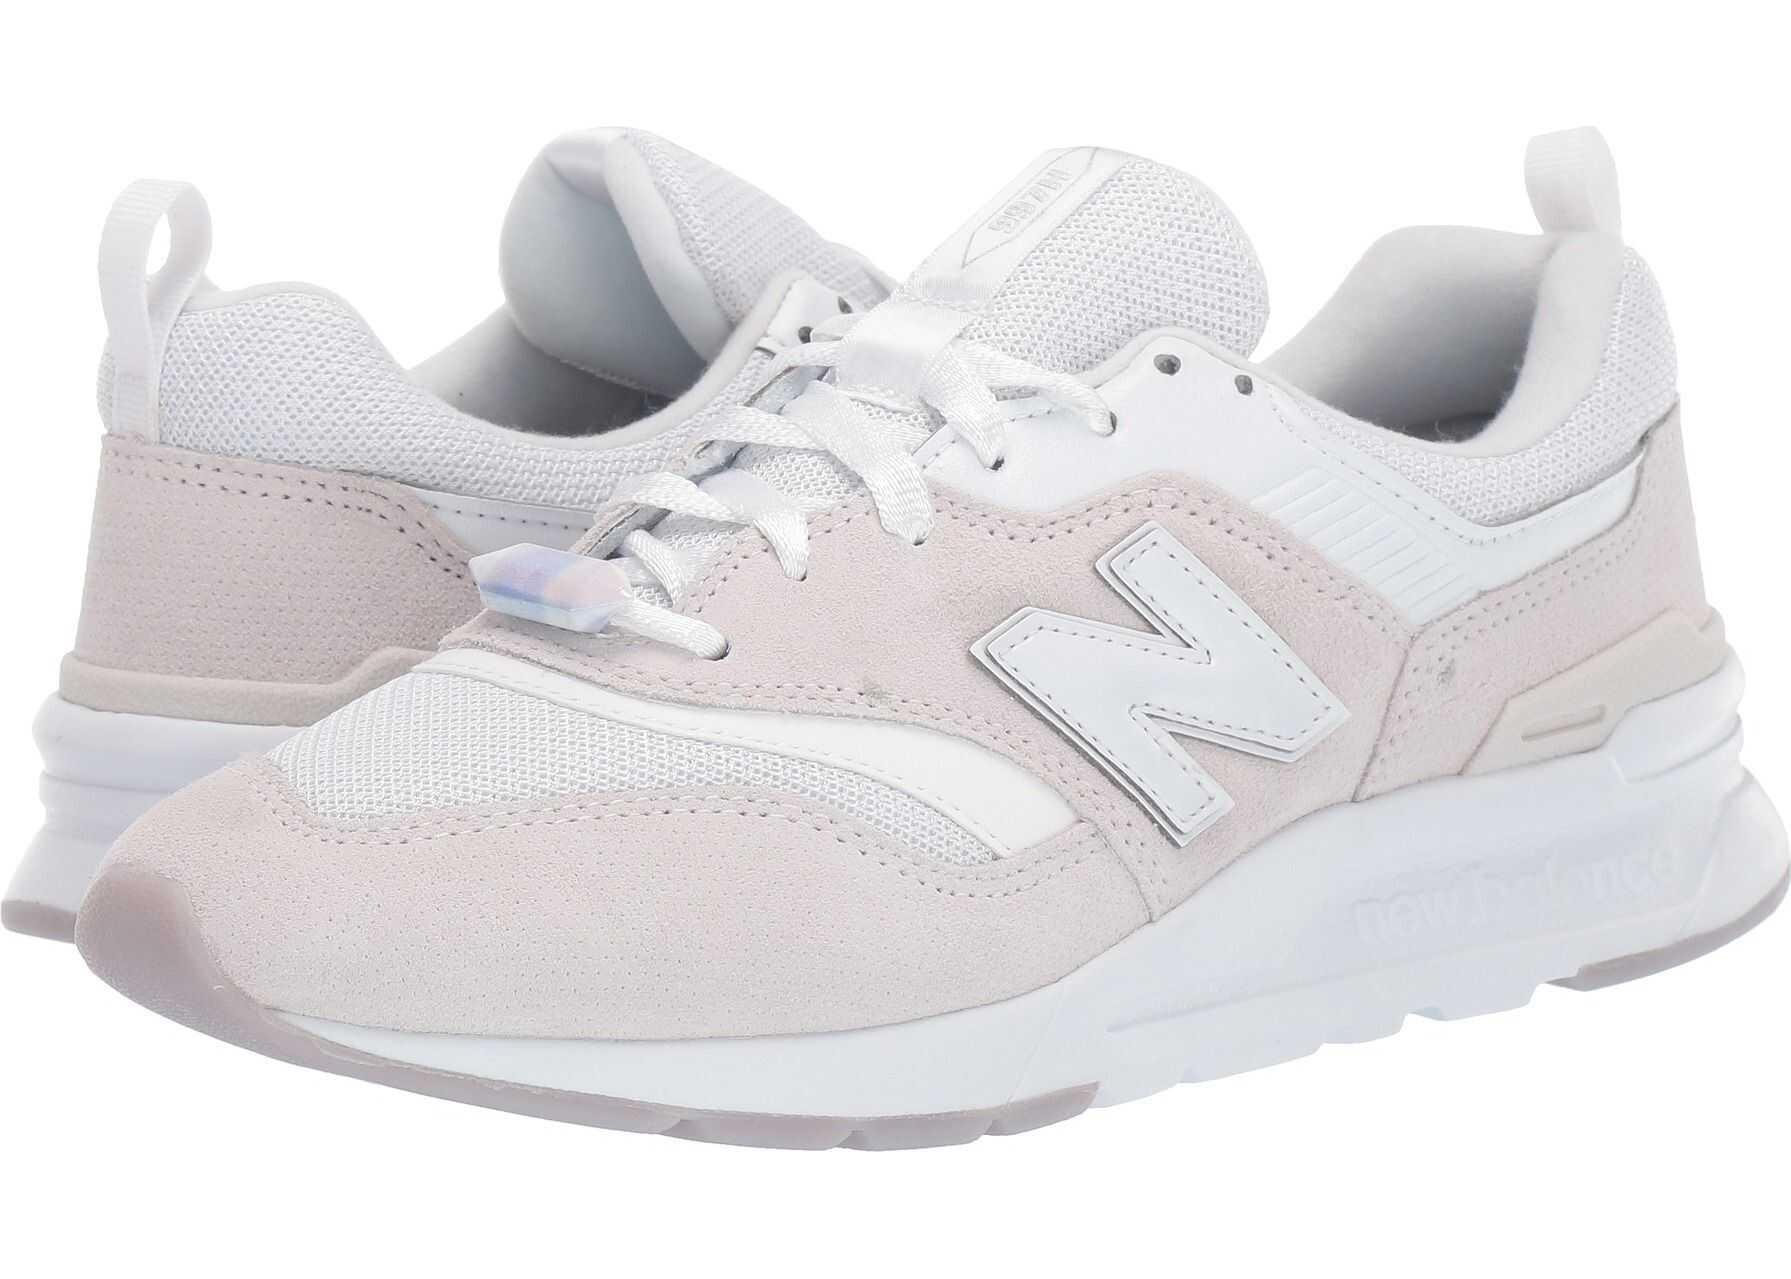 New Balance Classics 997v1 White/White